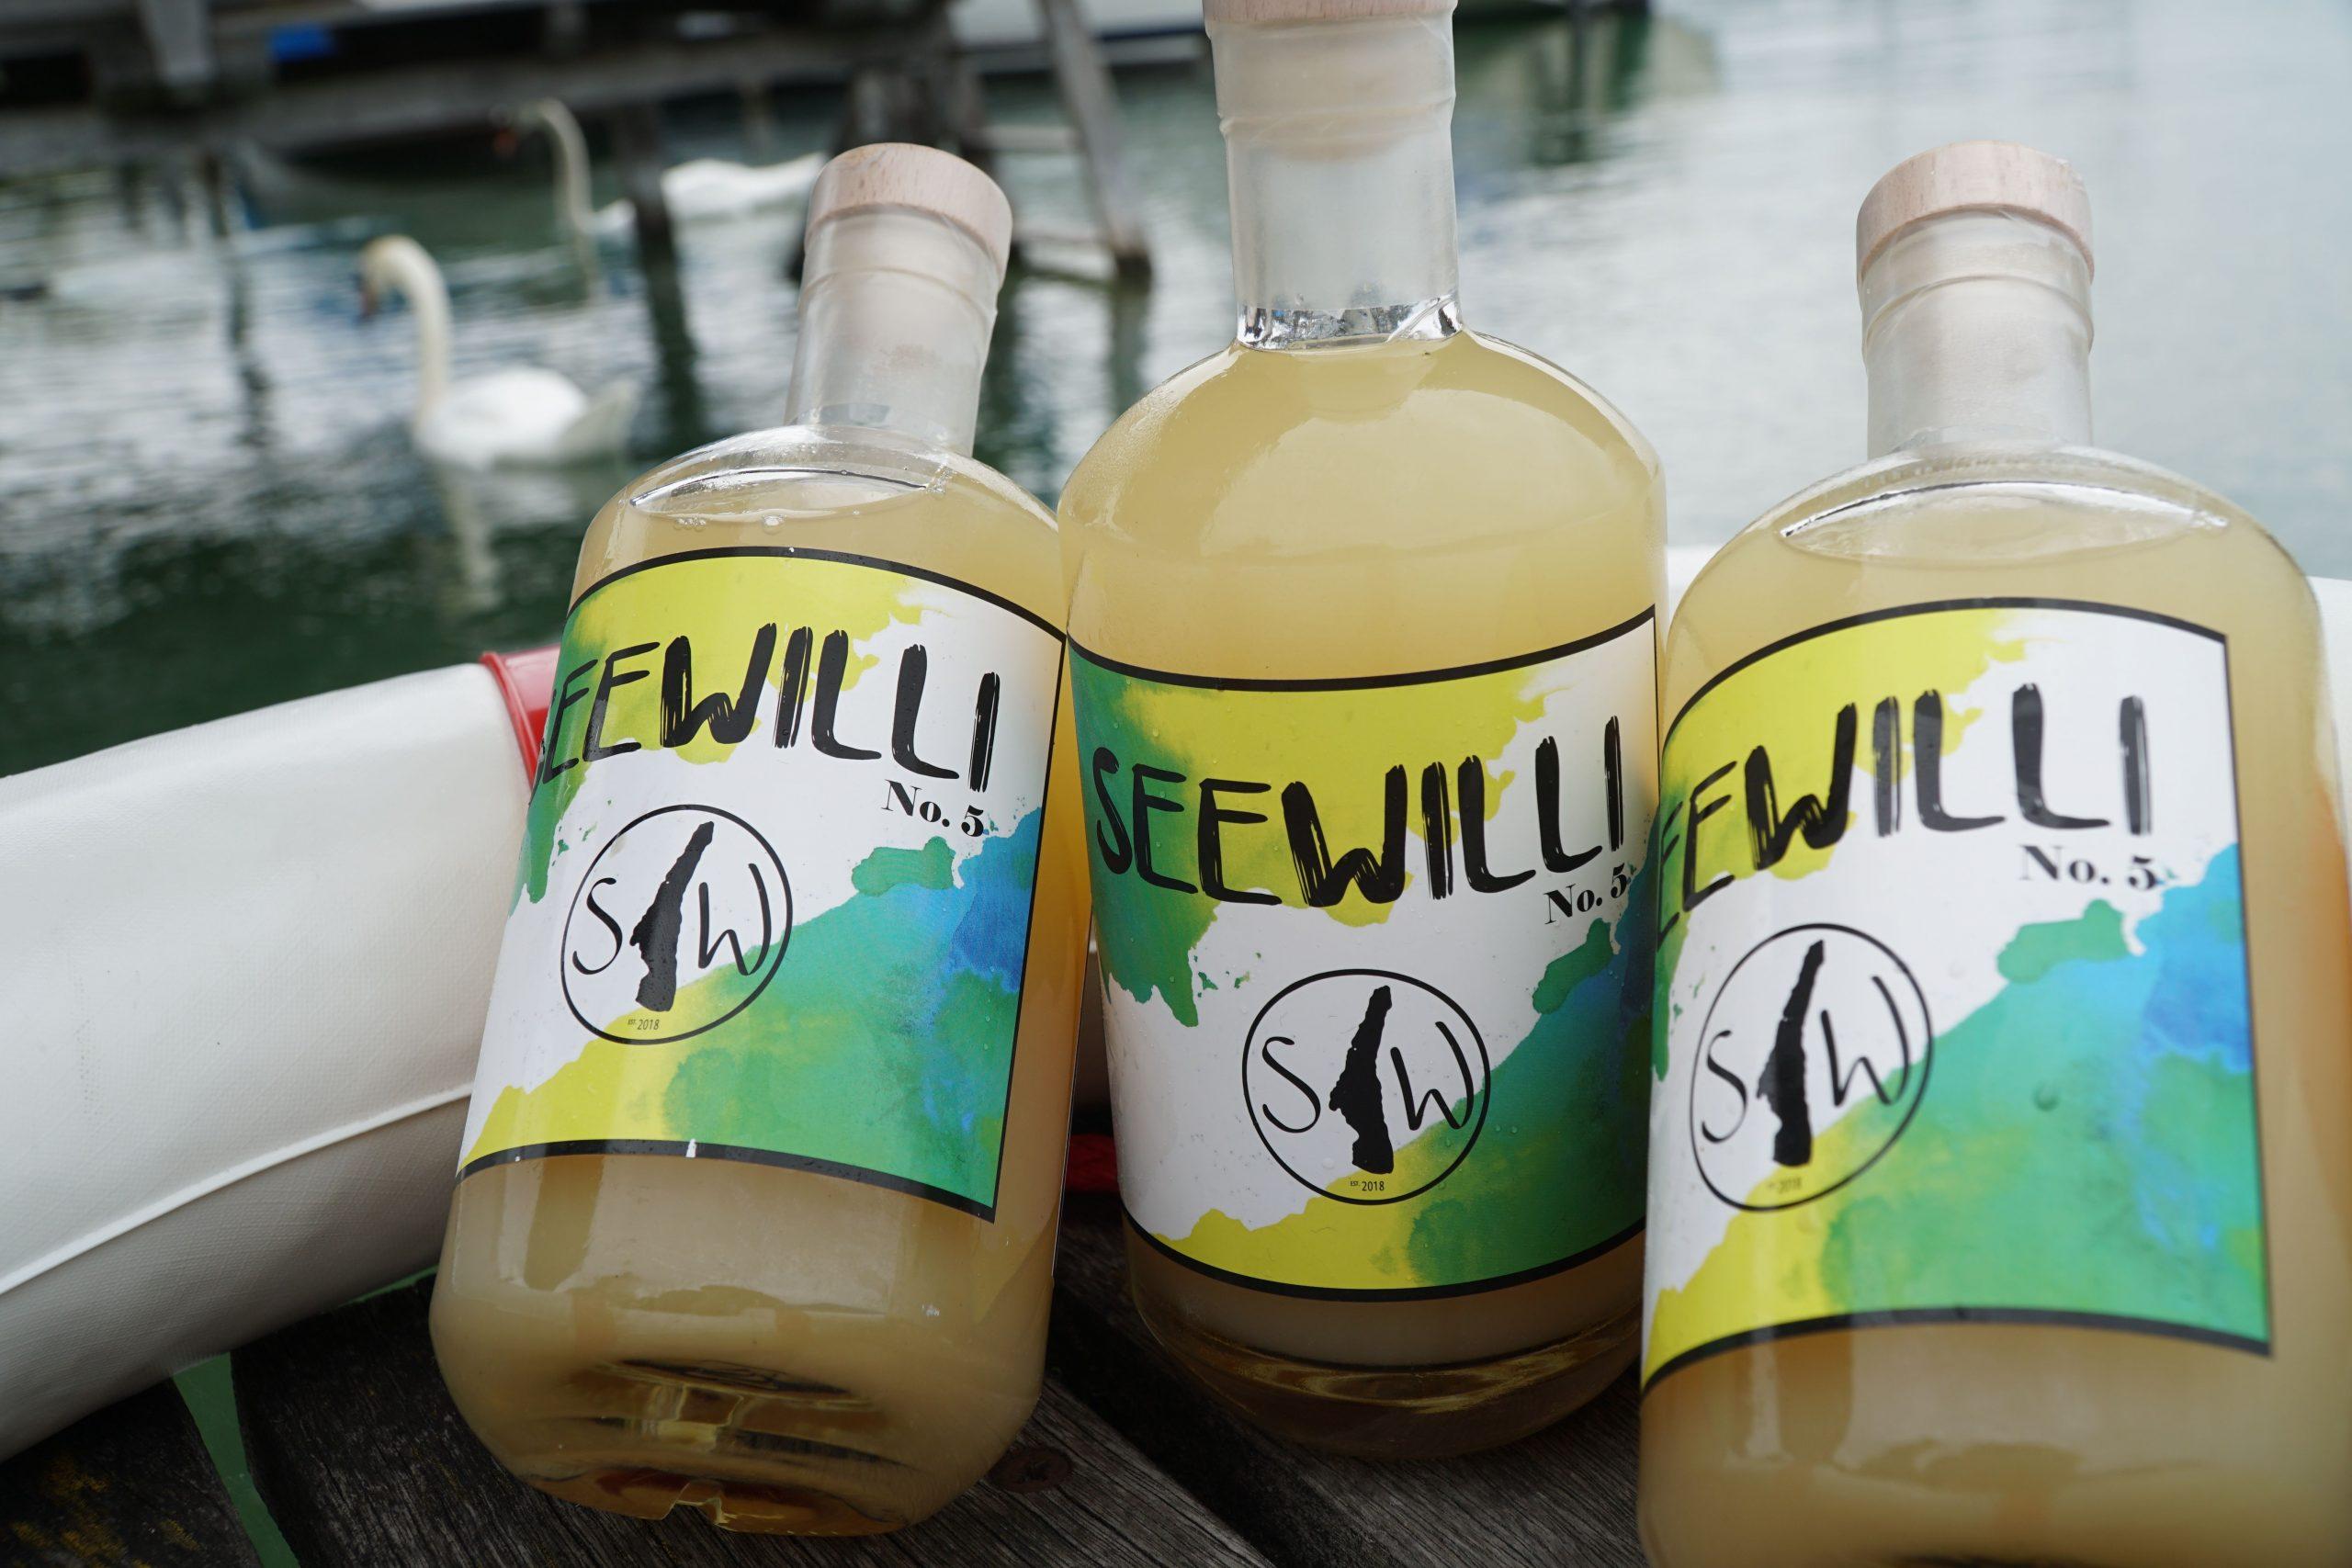 Seewilli